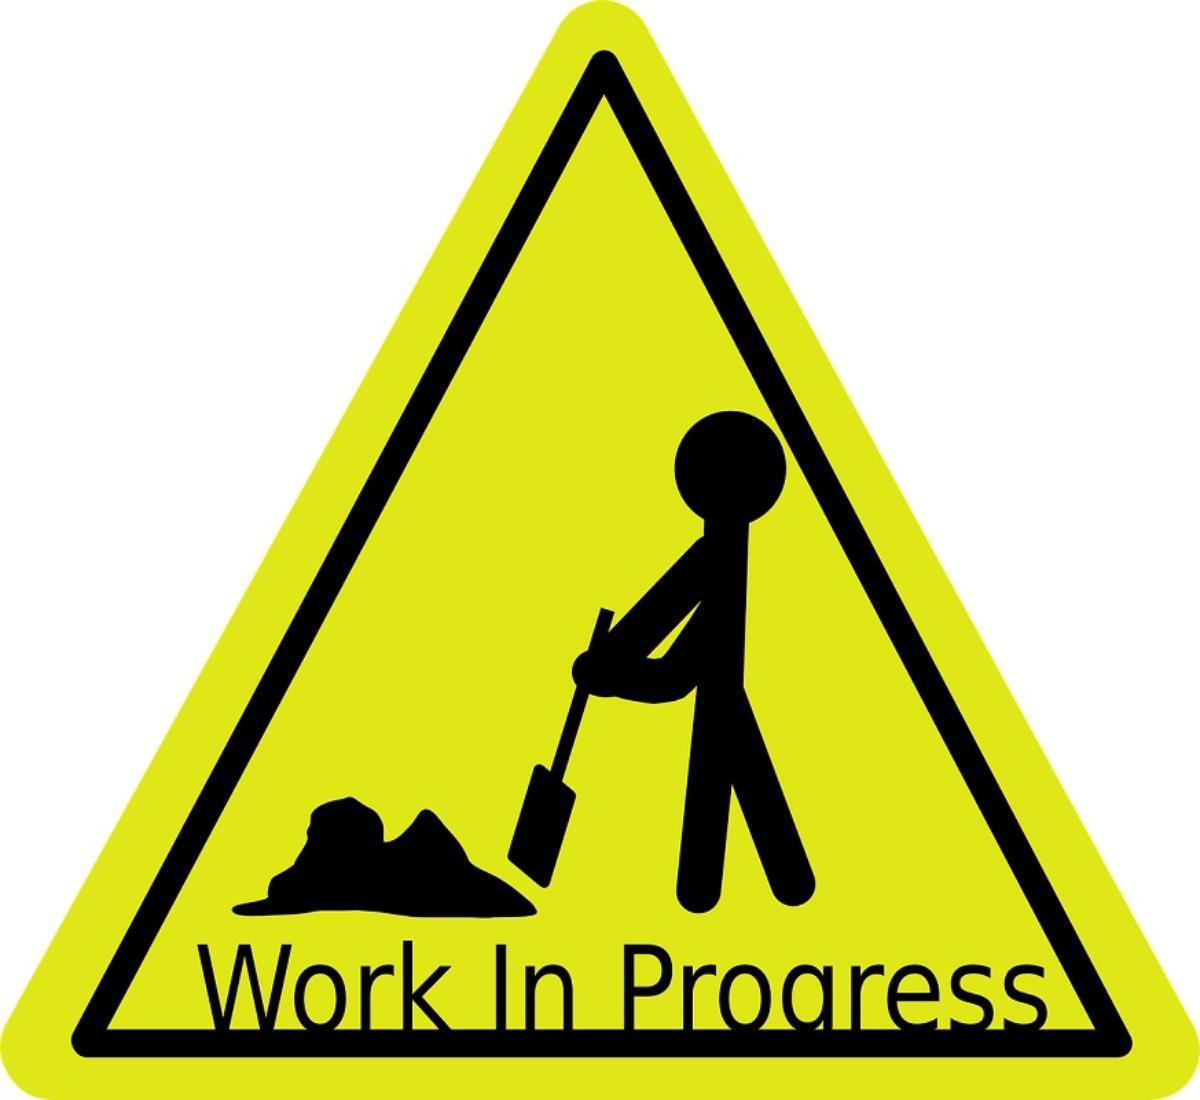 work-in-progress-.jpg